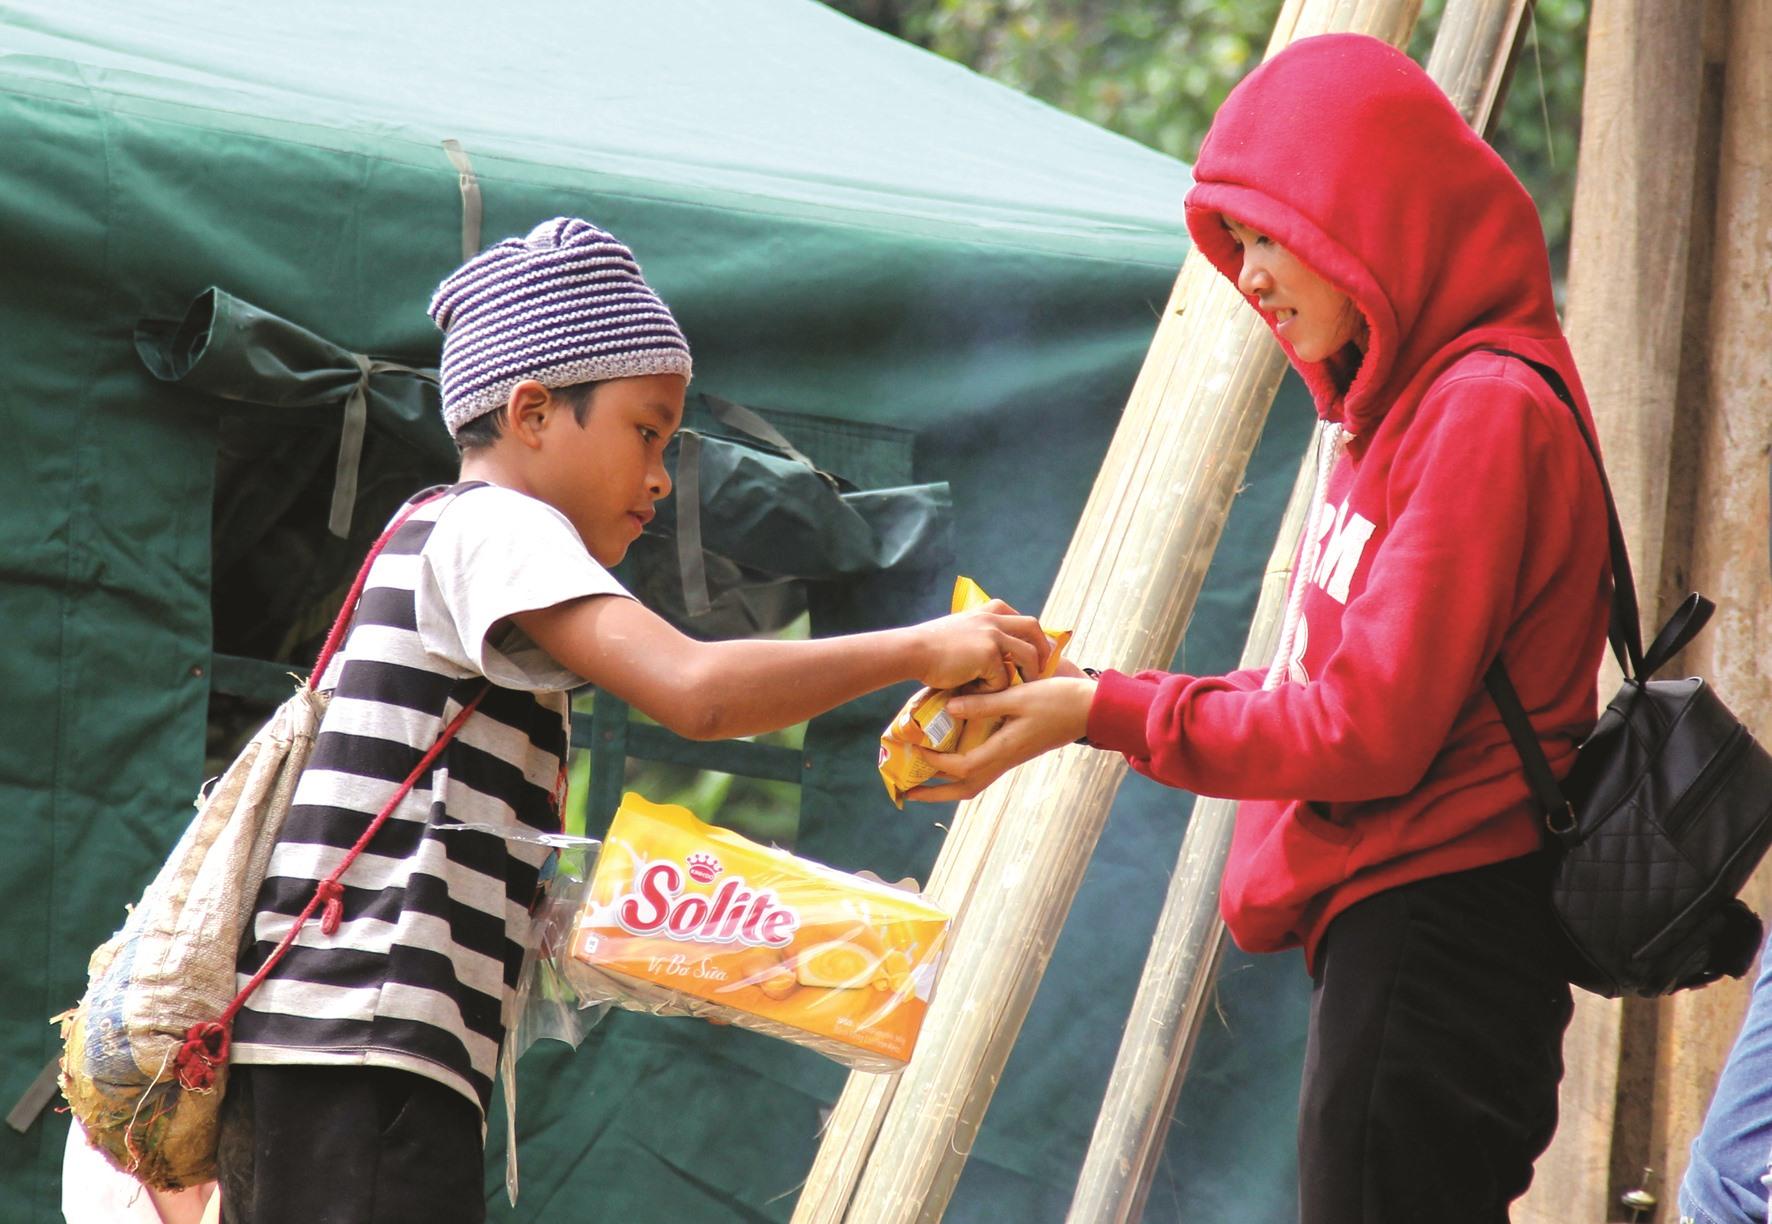 Cầm trên tay gói bánh vừa được đoàn thiện nguyện trao, cậu học trò người M'nông ở xã Trà Leng này lập tức chia sẻ với người đi đường. Hành động ấy khiến nhiều người cảm động.